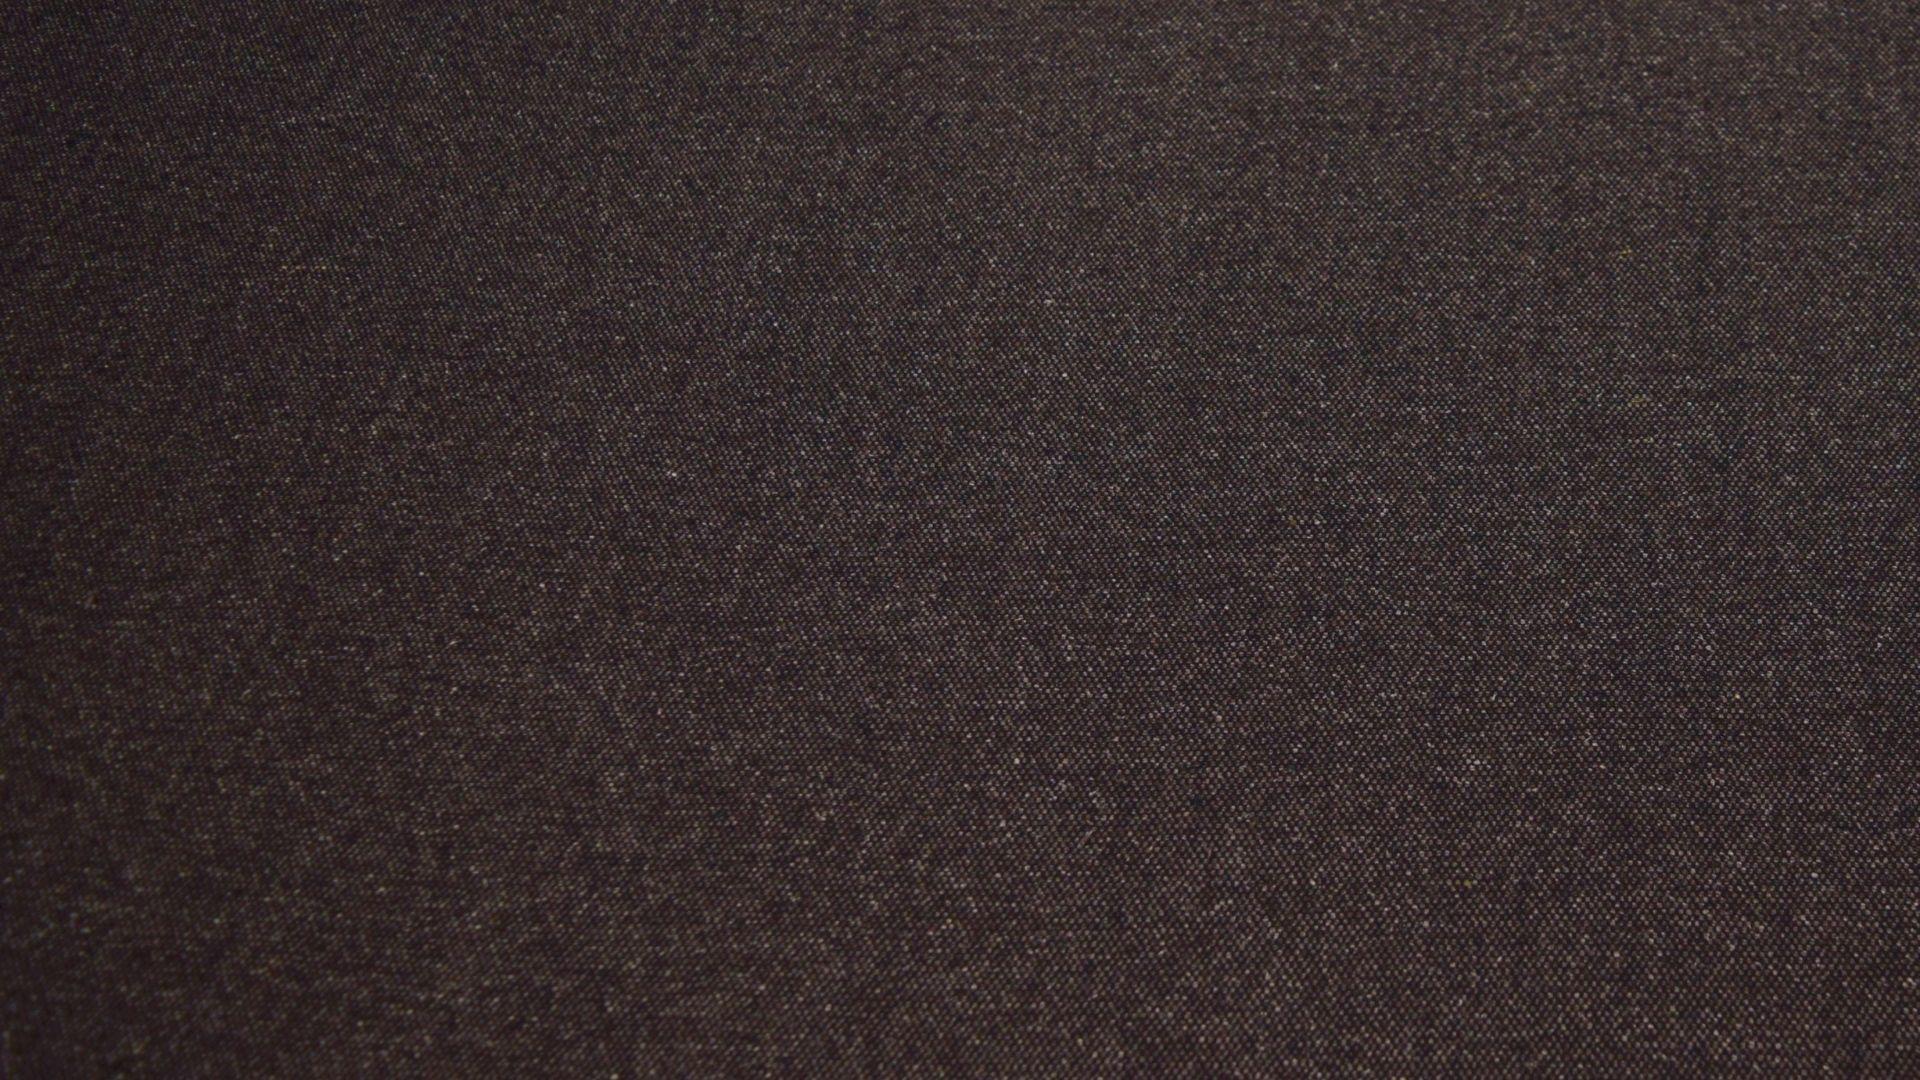 il particolare del tessuto 400, appartenente alla categoria fantasie classici, di Leadford & Logan